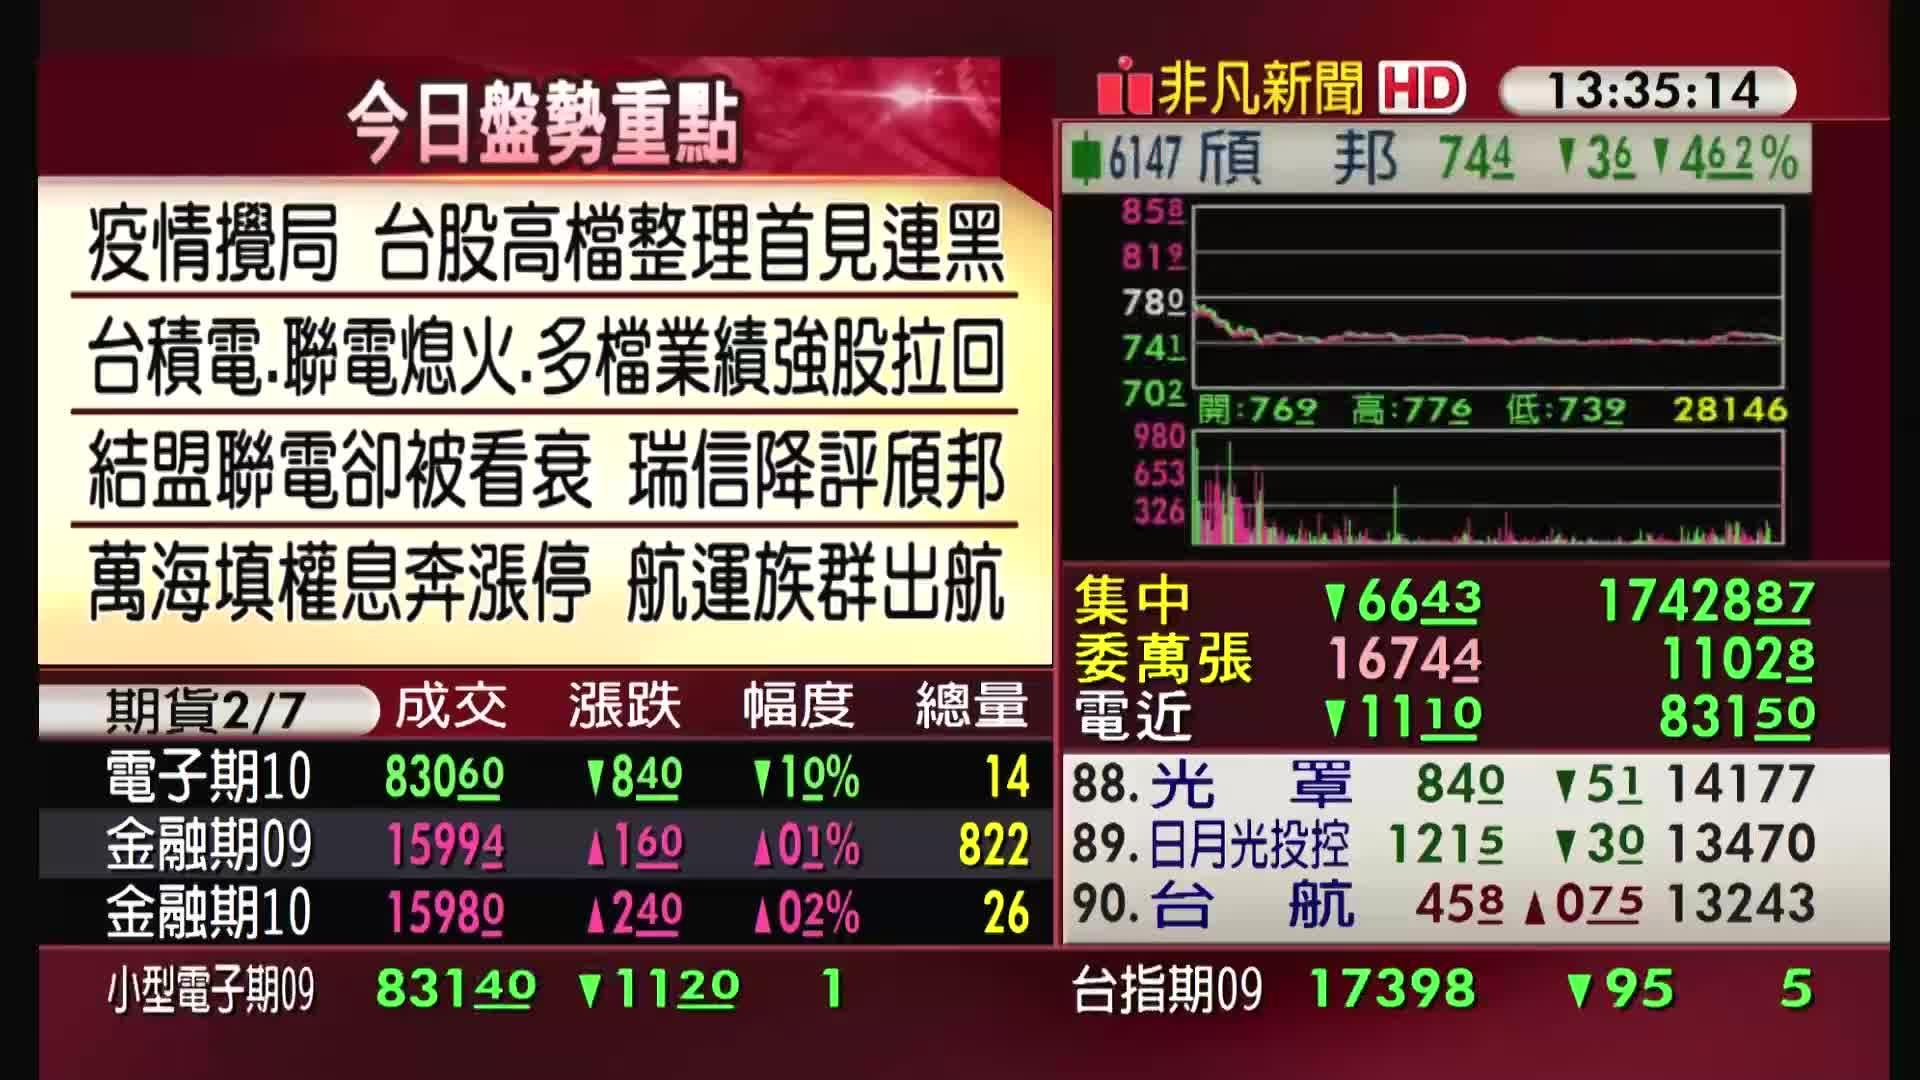 5分鐘看台股/2021/09/07收盤最前線